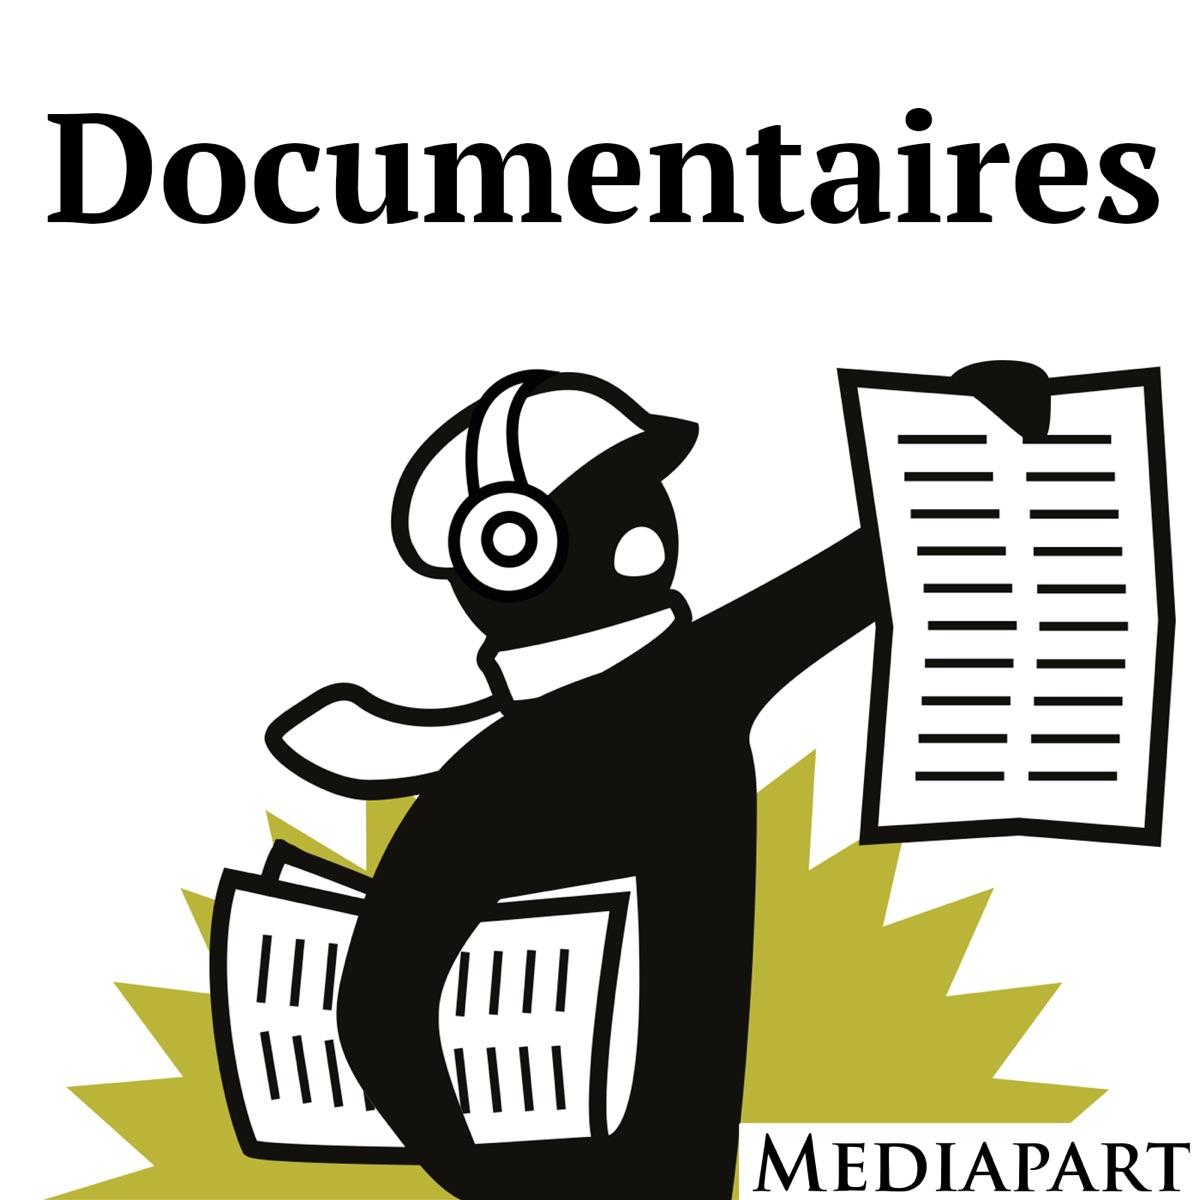 Les documentaires de Mediapart